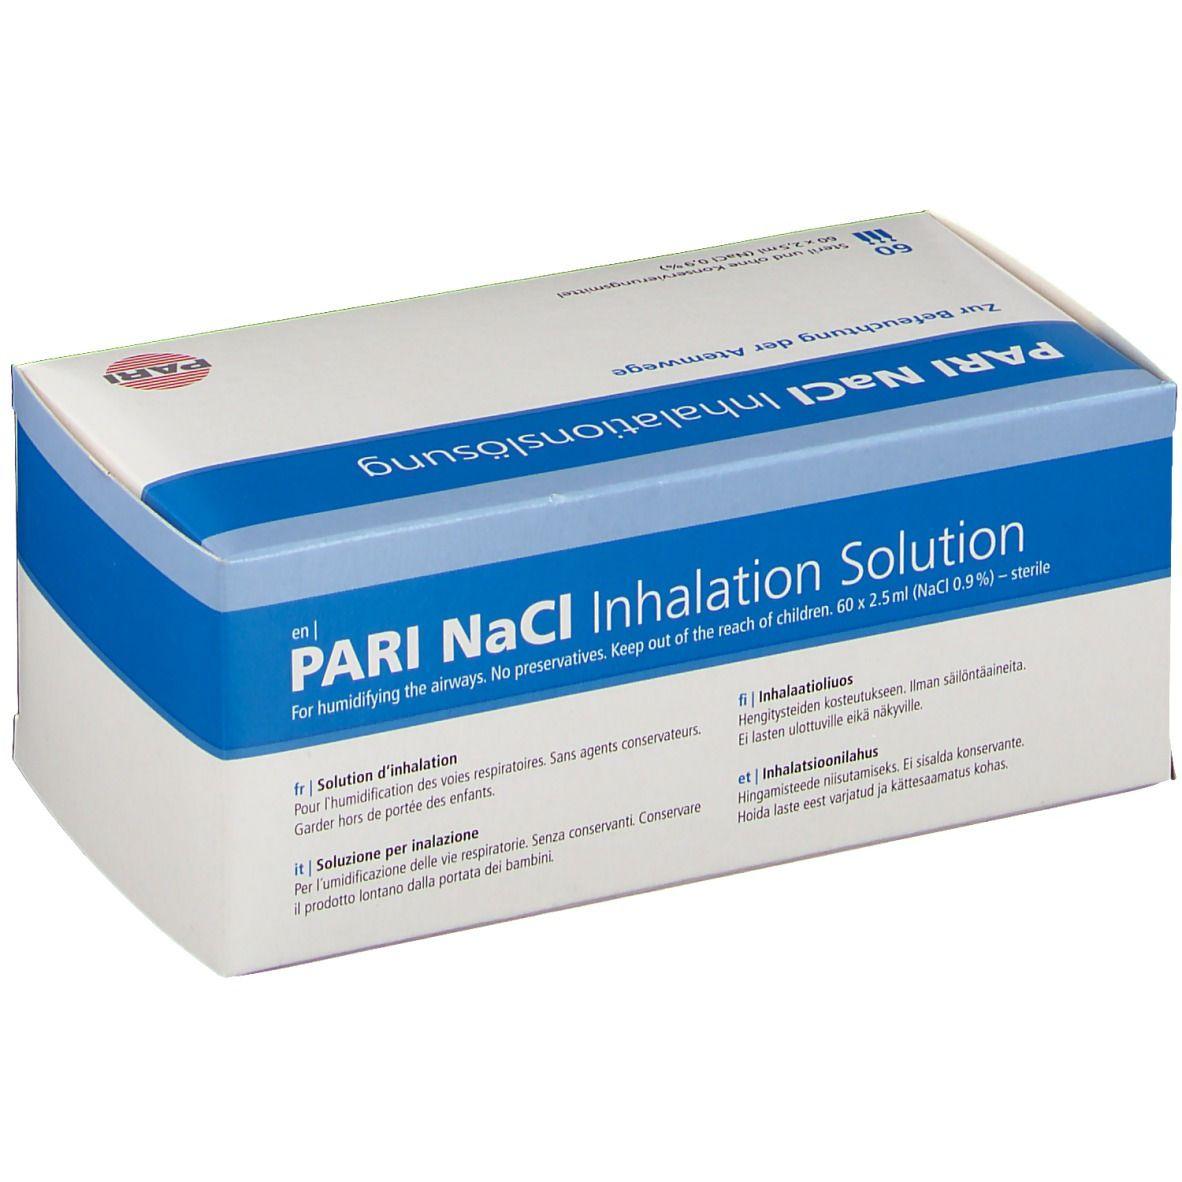 PARI NaCI Inhalationslösung